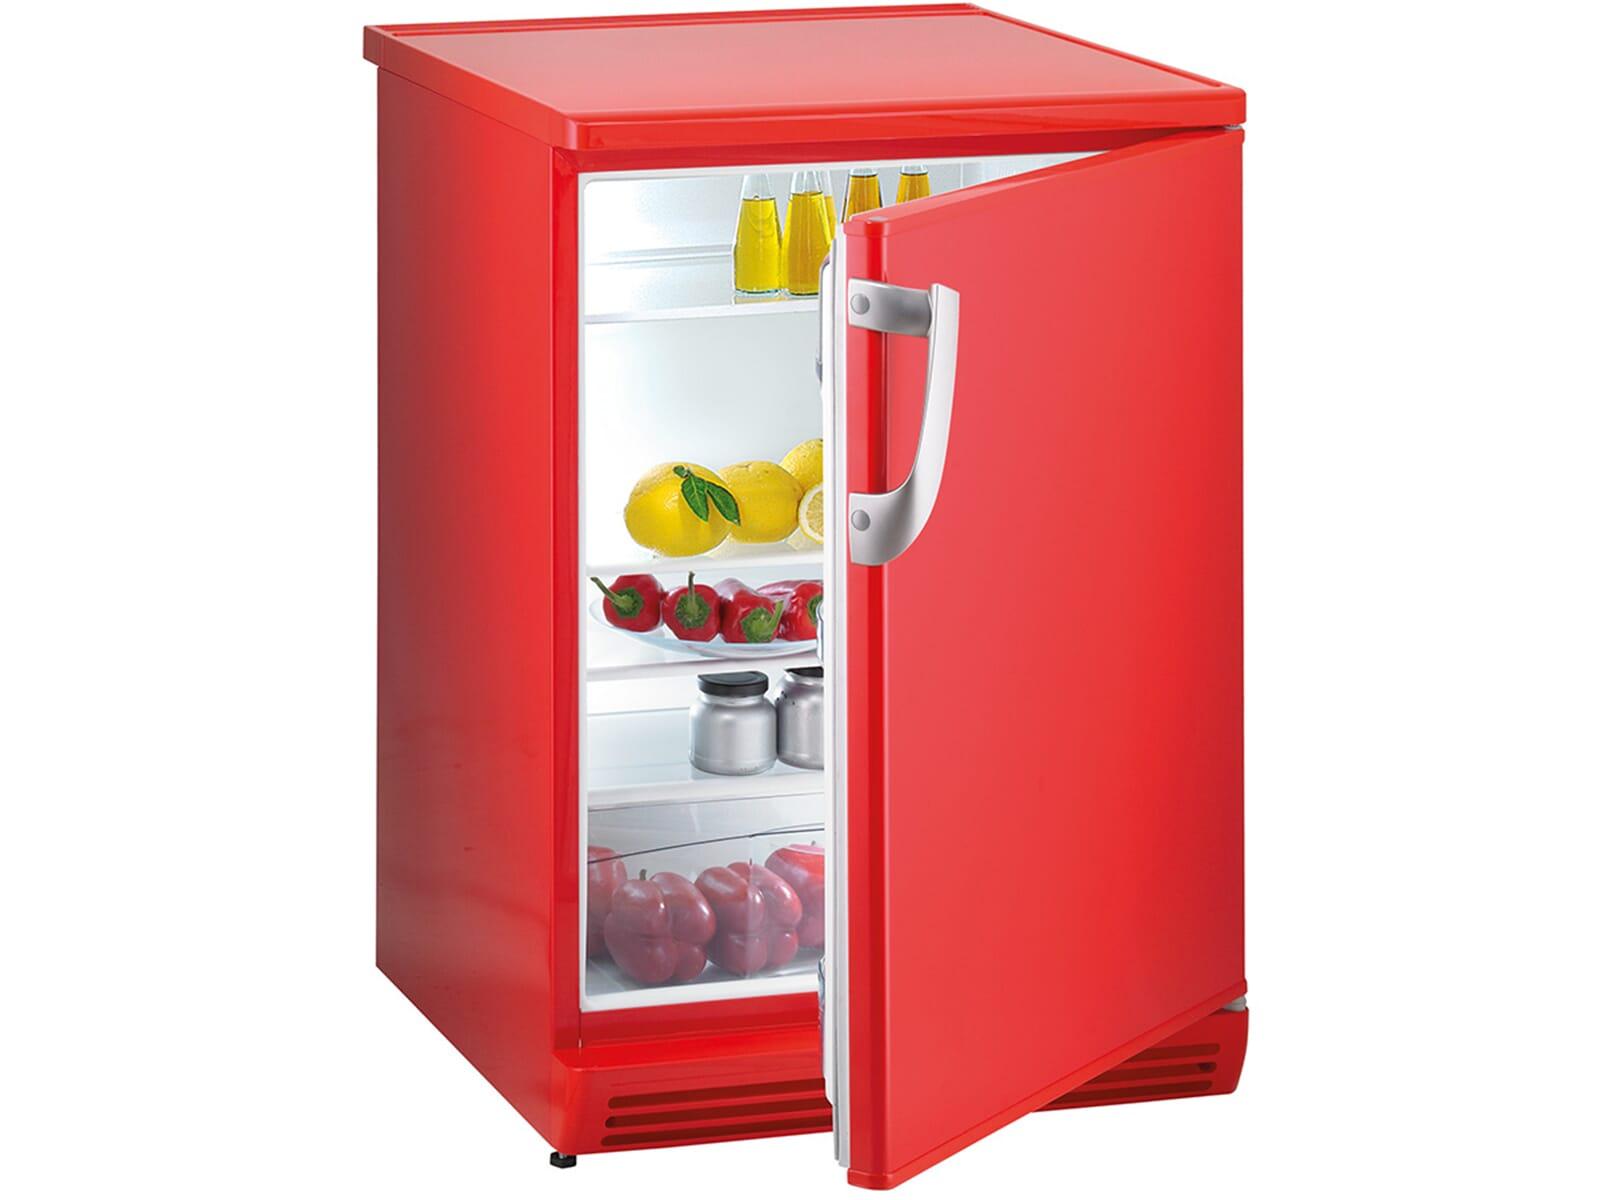 Standkuhlschrank rot preissuchmaschinede for Standkühlschrank